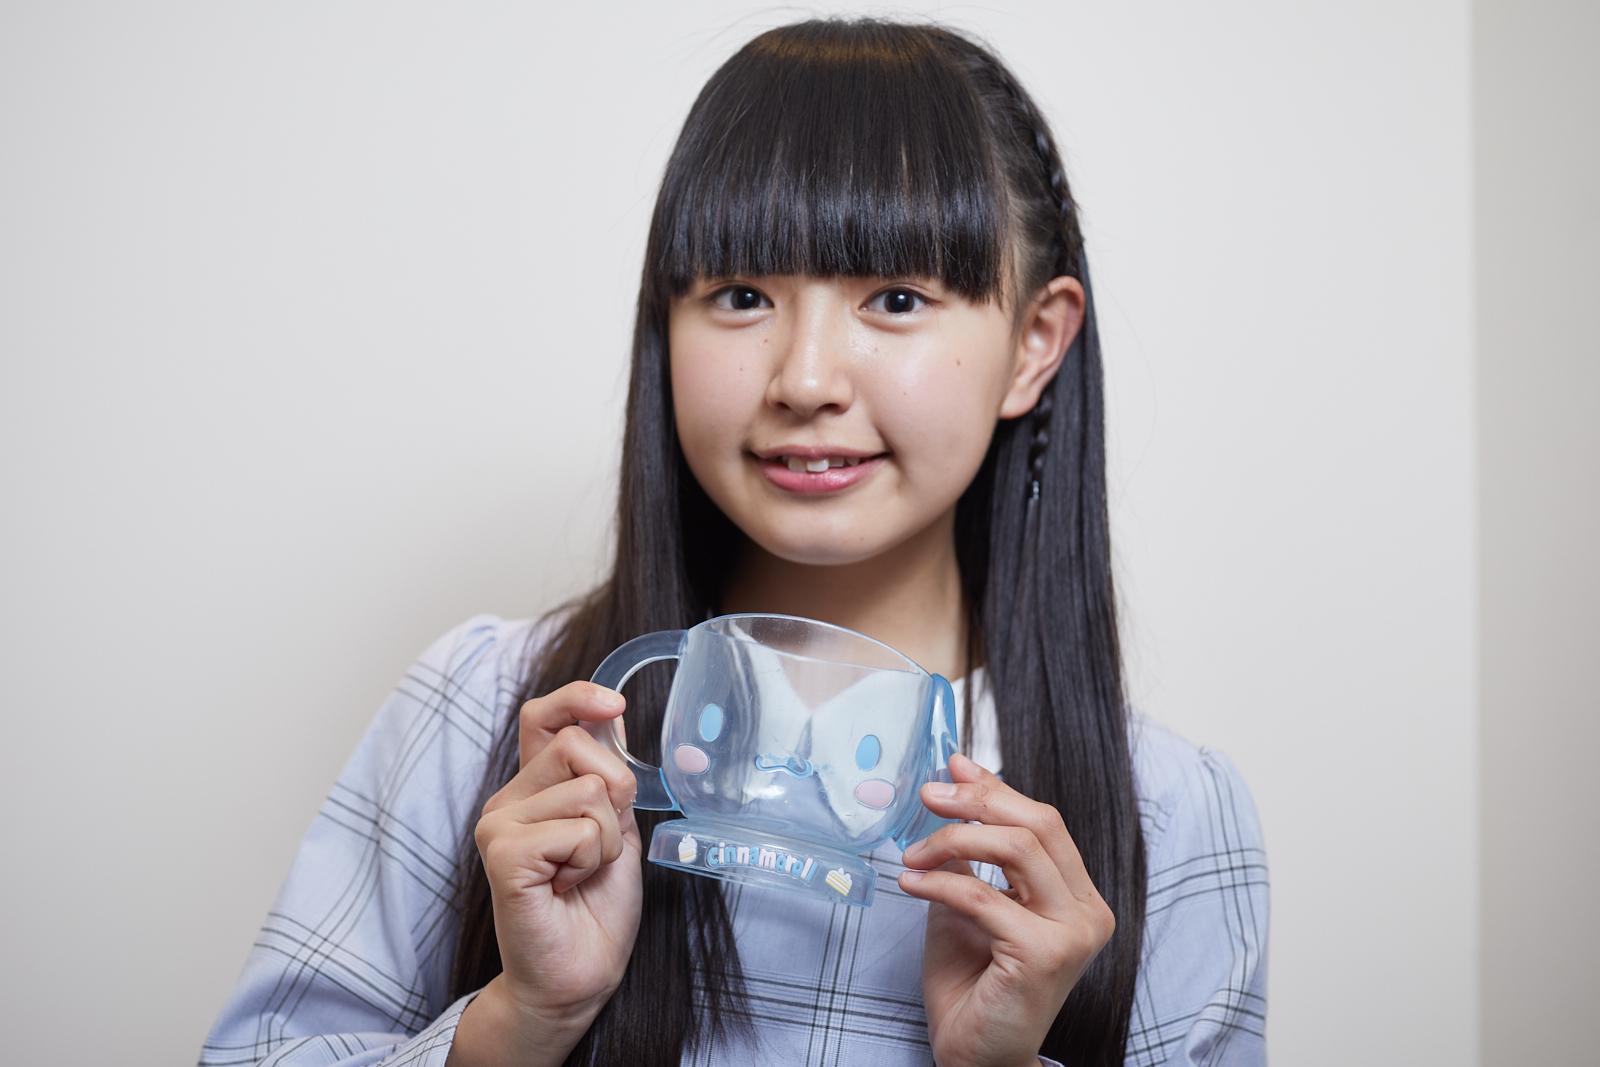 『2019年サンリオキャラクター大賞』記念、アイドルの推しキャラインタビュー!ハコムス・塩野虹さんの「シナモン」